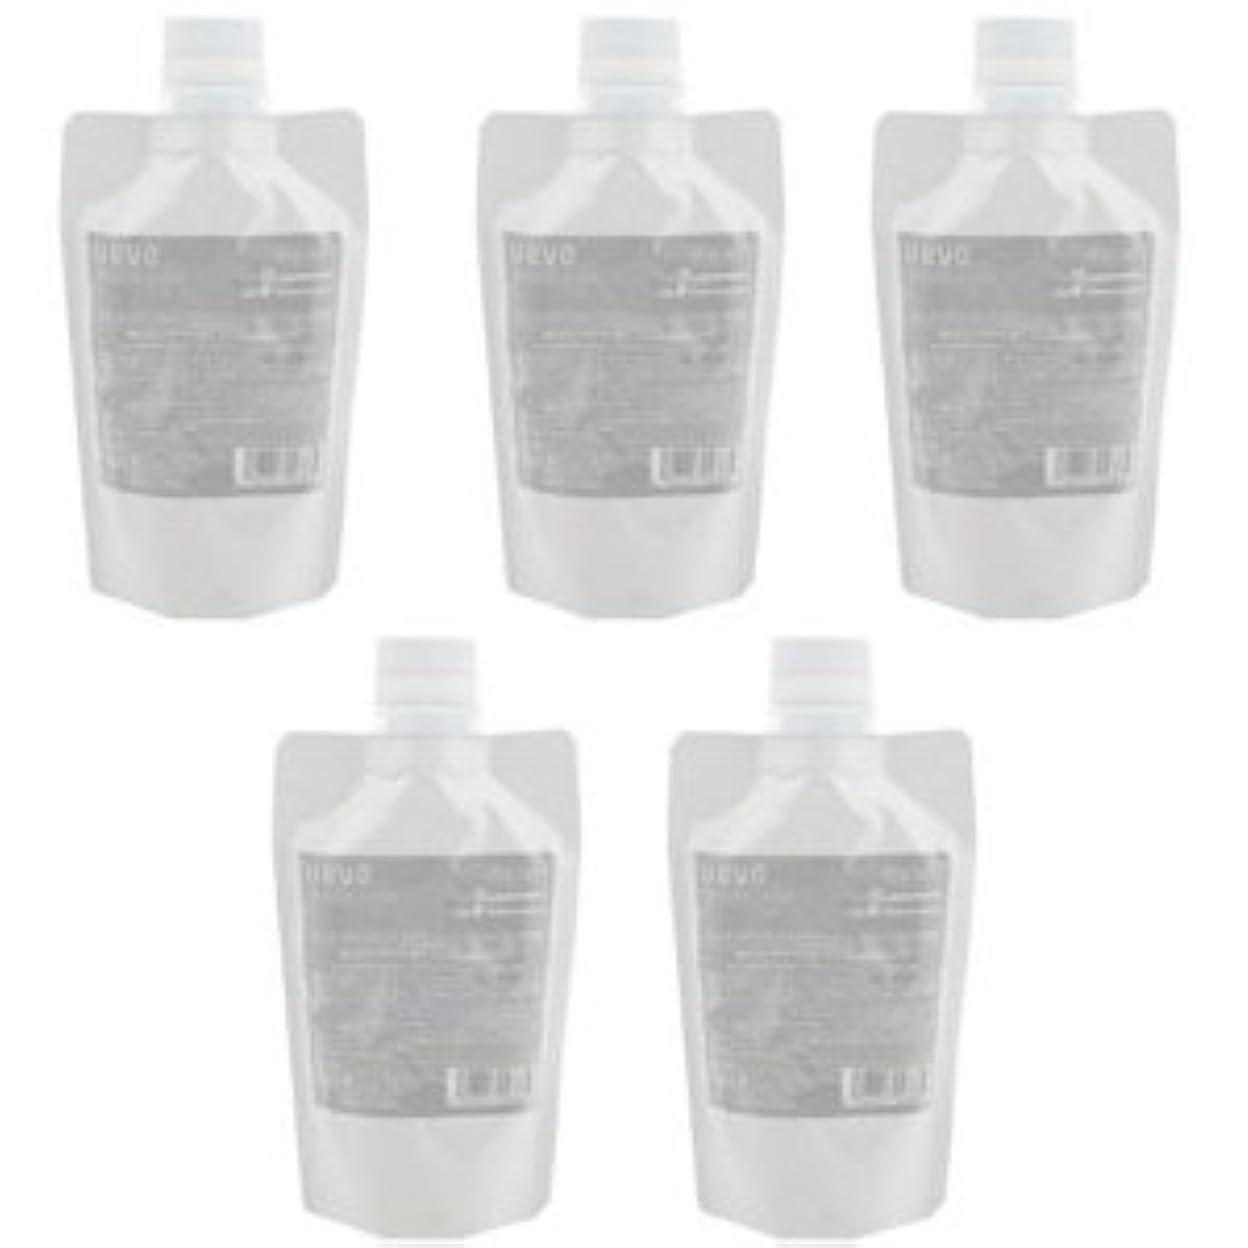 禁止する分離愛国的な【X5個セット】 デミ ウェーボ デザインキューブ ドライワックス 200g 業務用 dry wax